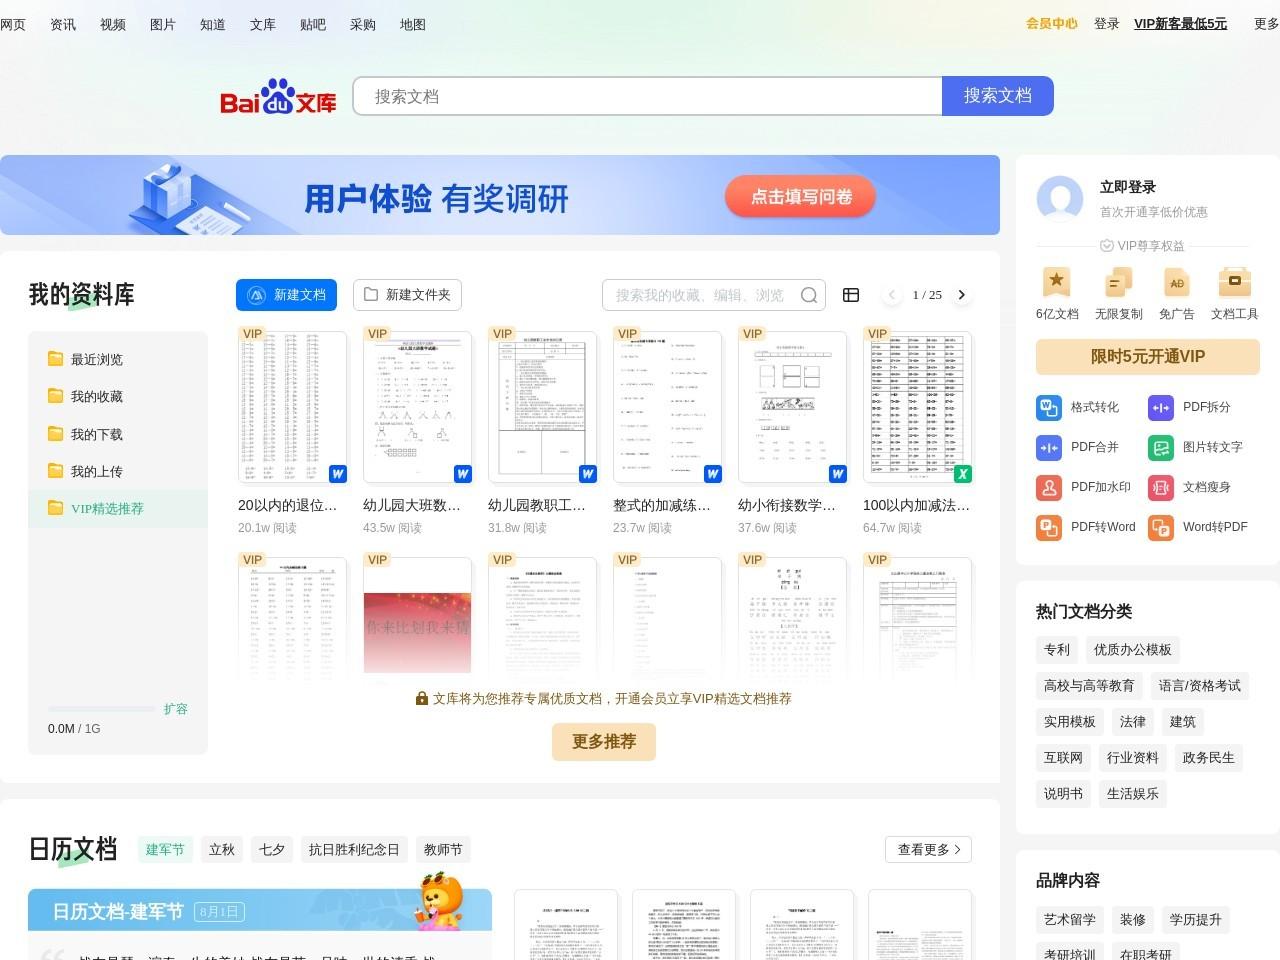 交通标志大全 - 图文聽- 百度文库